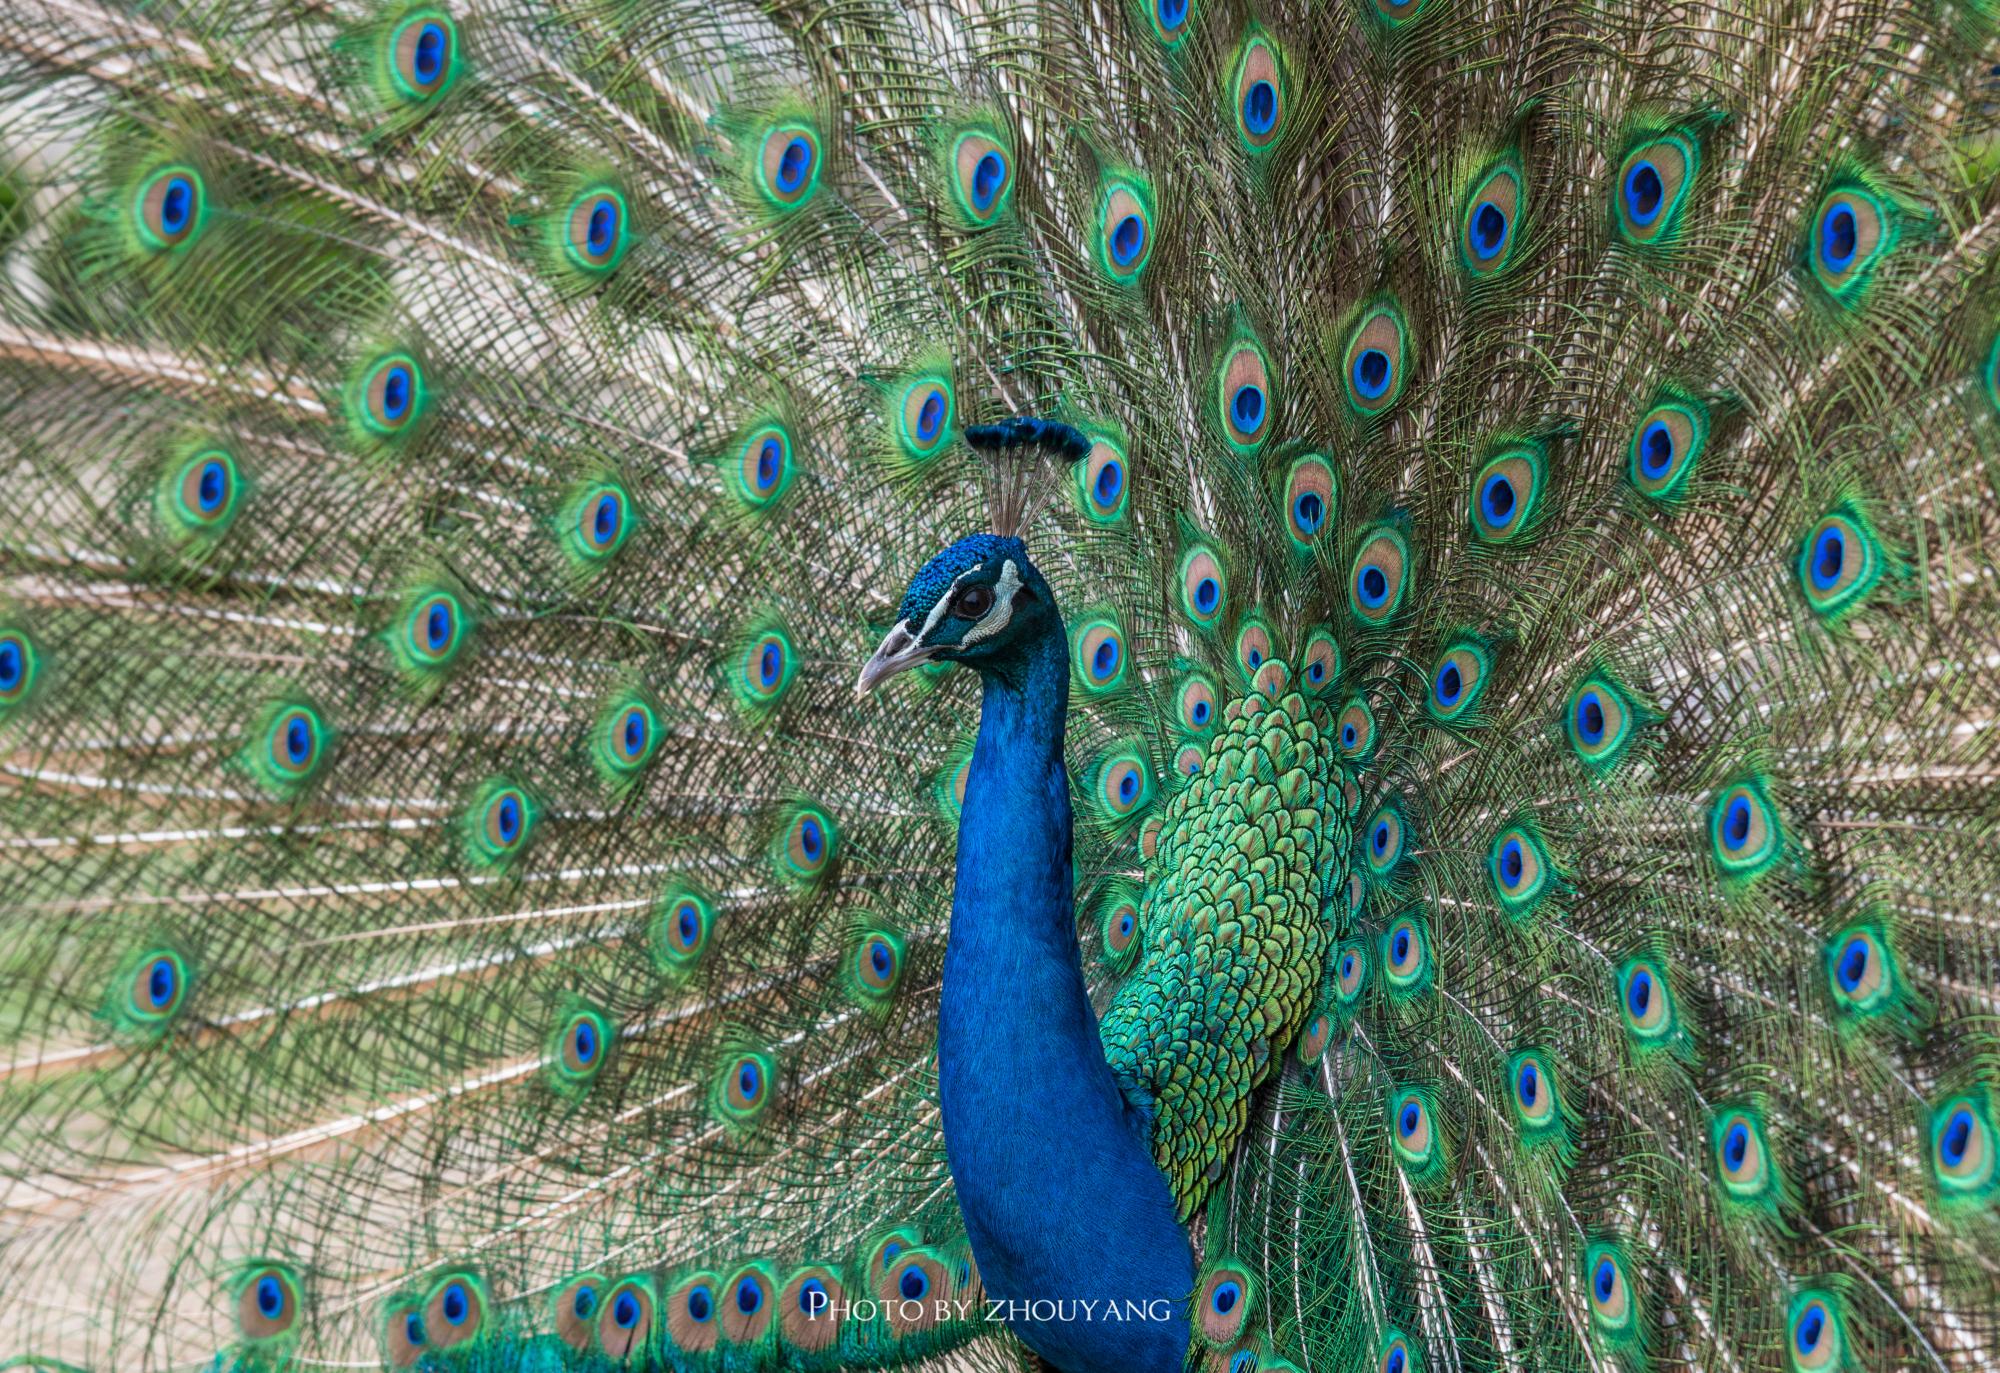 宿迁的百鸟园,被一张大网笼罩,数百种鸟禽却能和谐相处